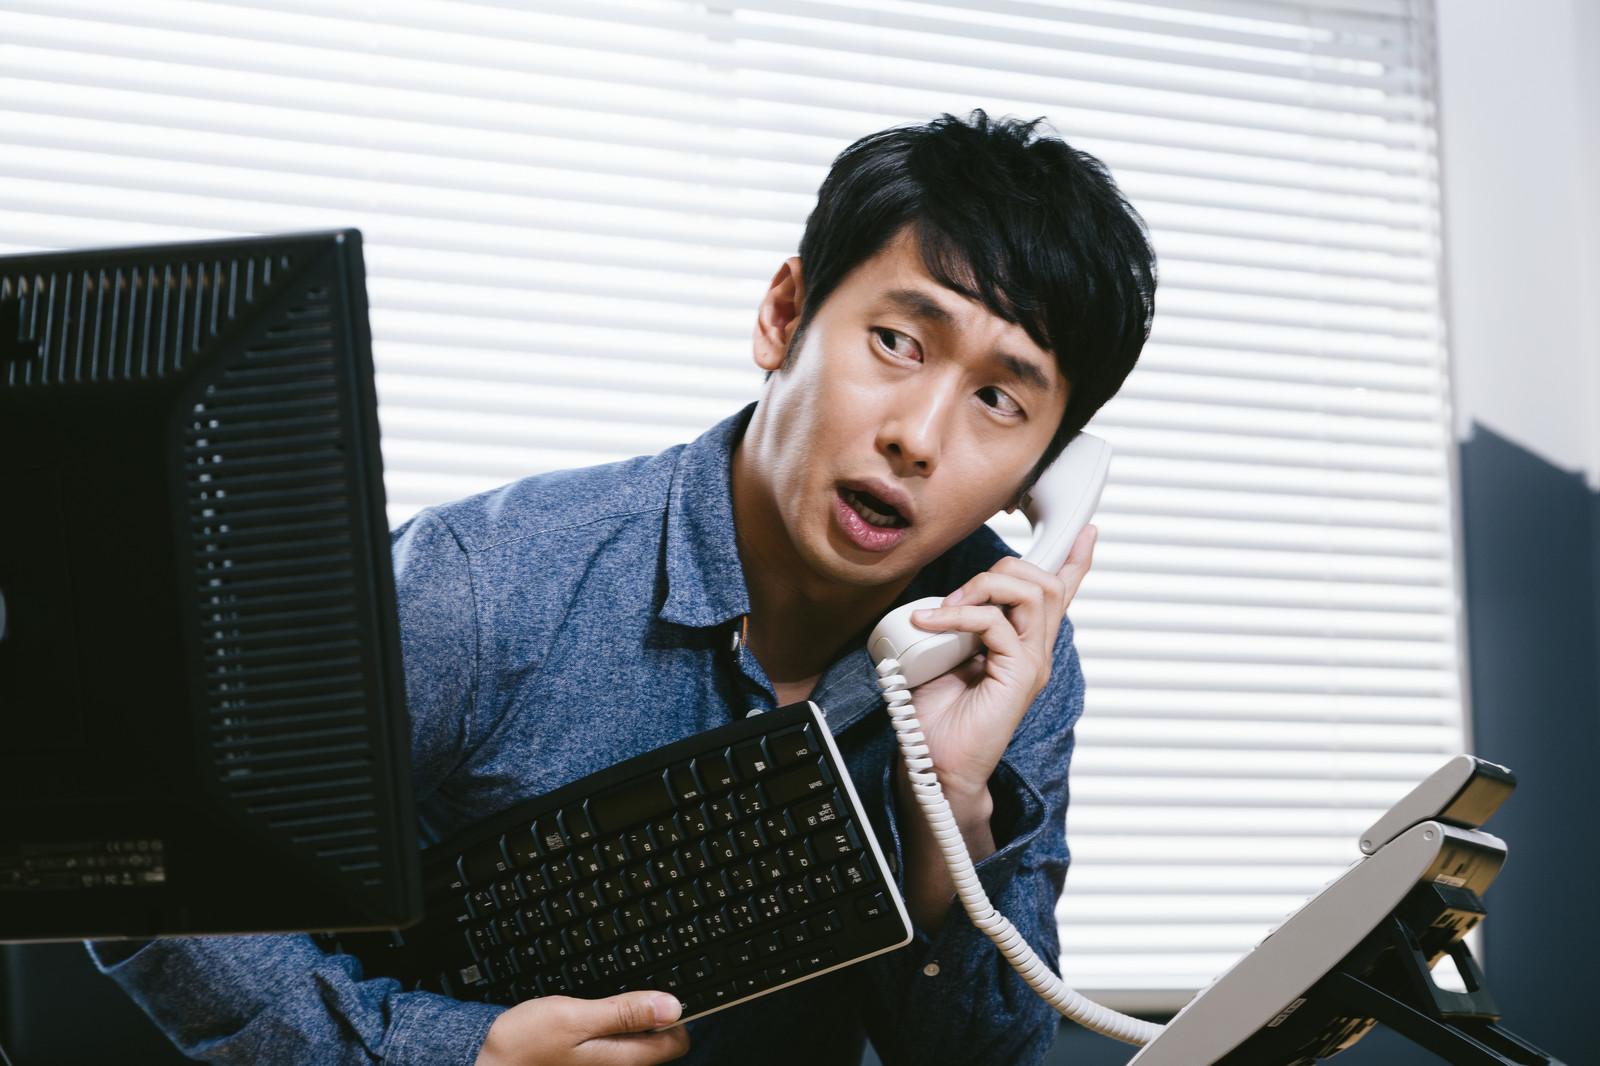 会社に固定電話って本当に必要なのだろうか?